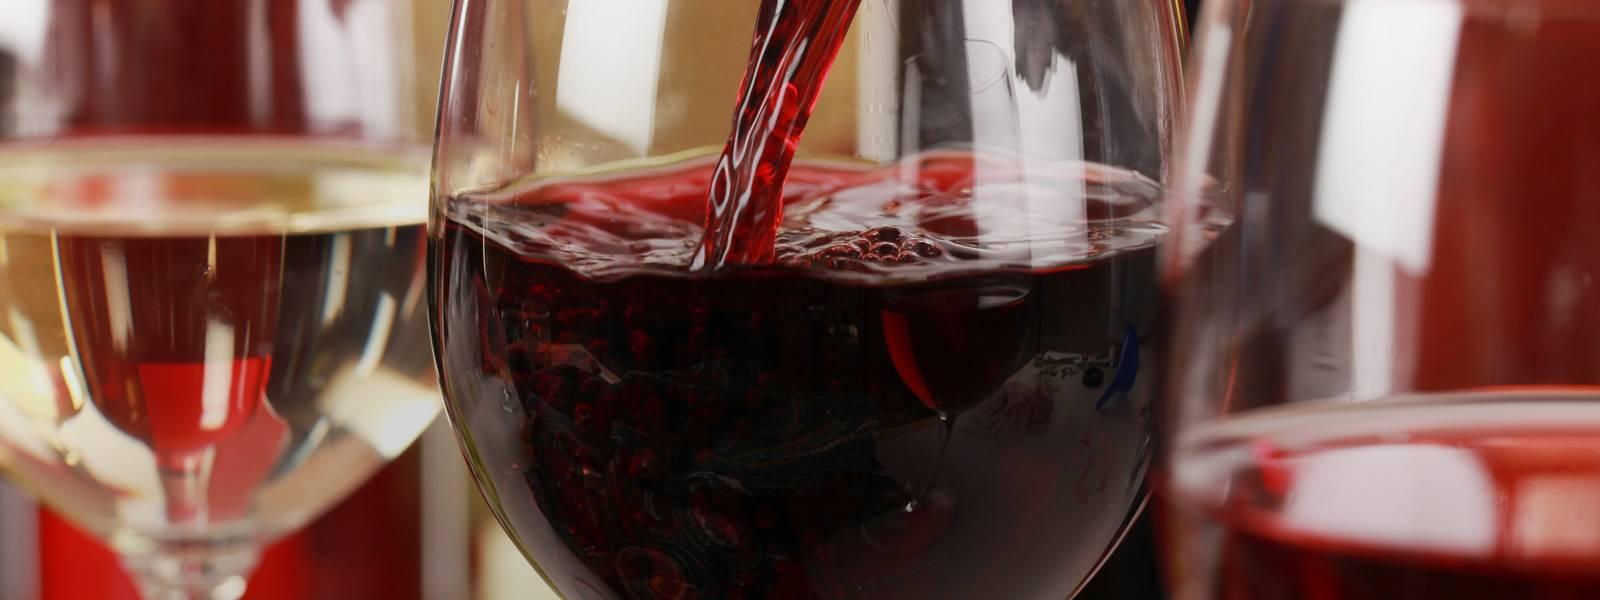 Красное сухое и белое вино: повышают или понижают они давление?